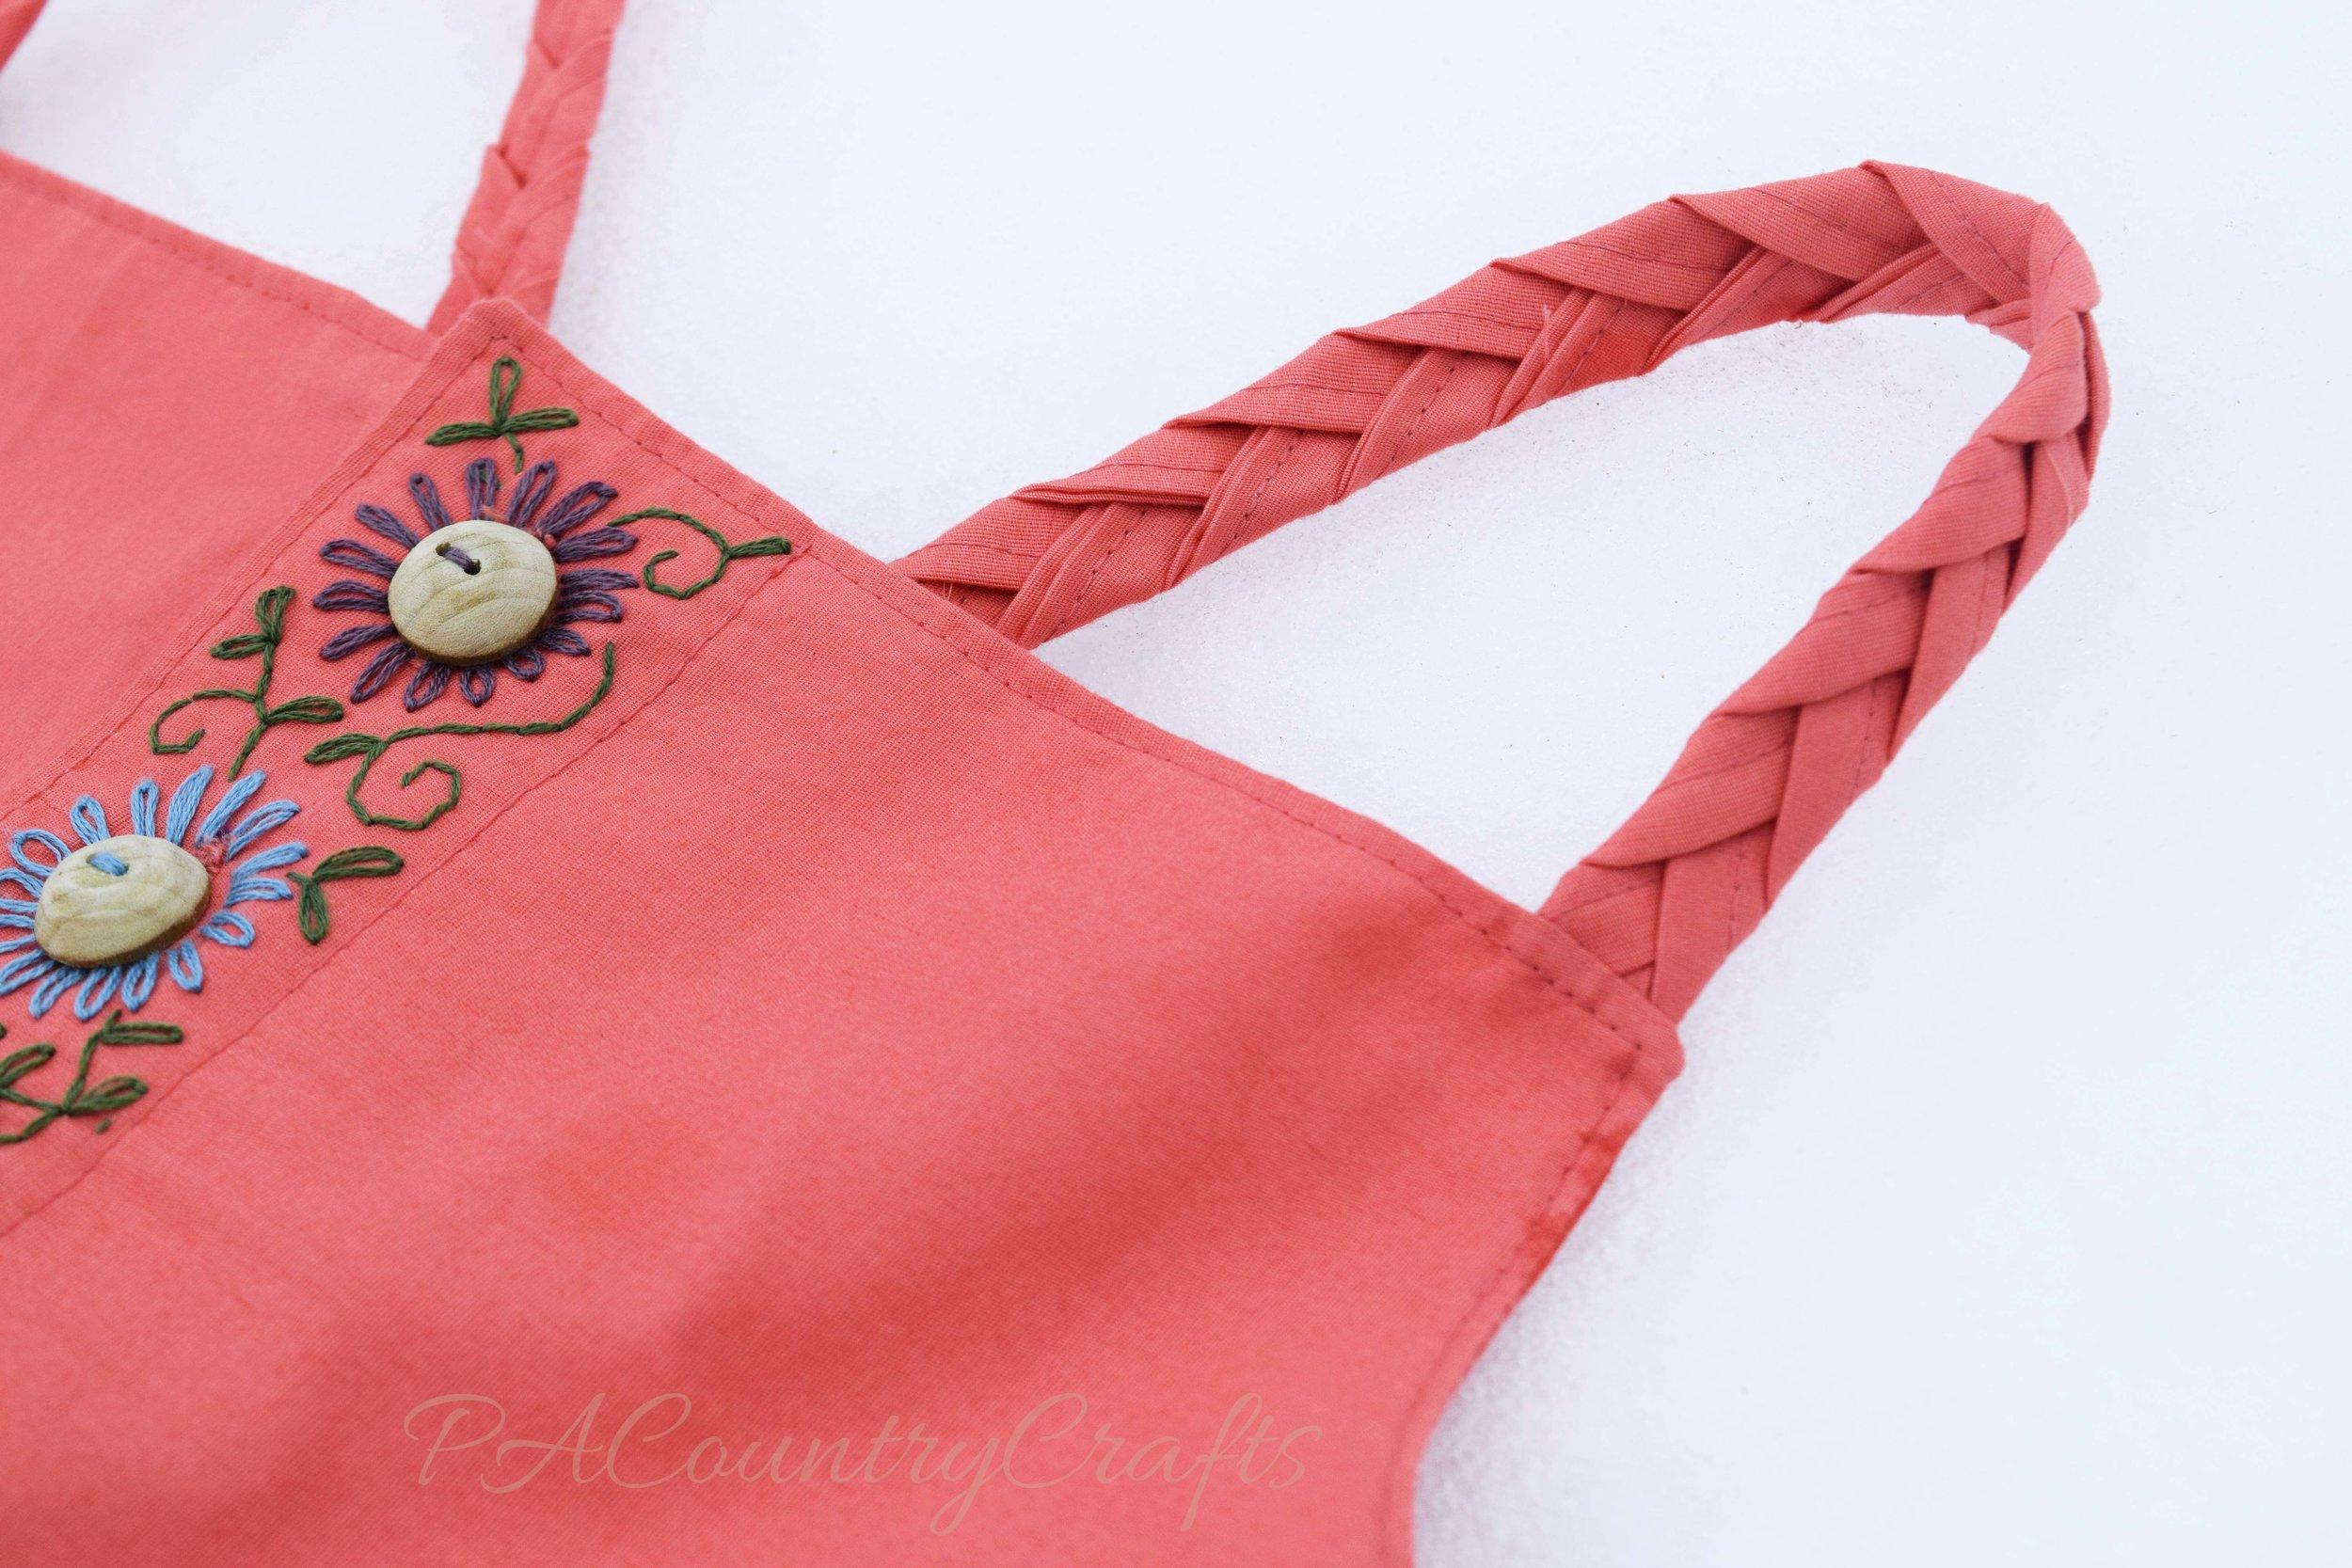 braided straps